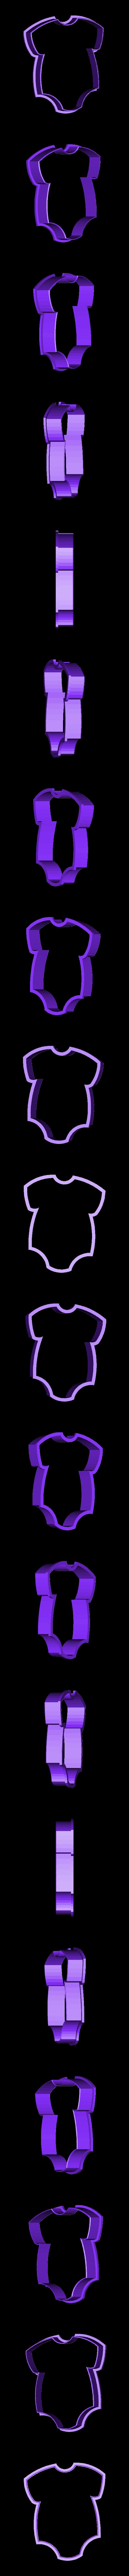 Babyshower_4.obj Download free OBJ file Baby Shower cookie cutters • 3D printing model, Ragkov